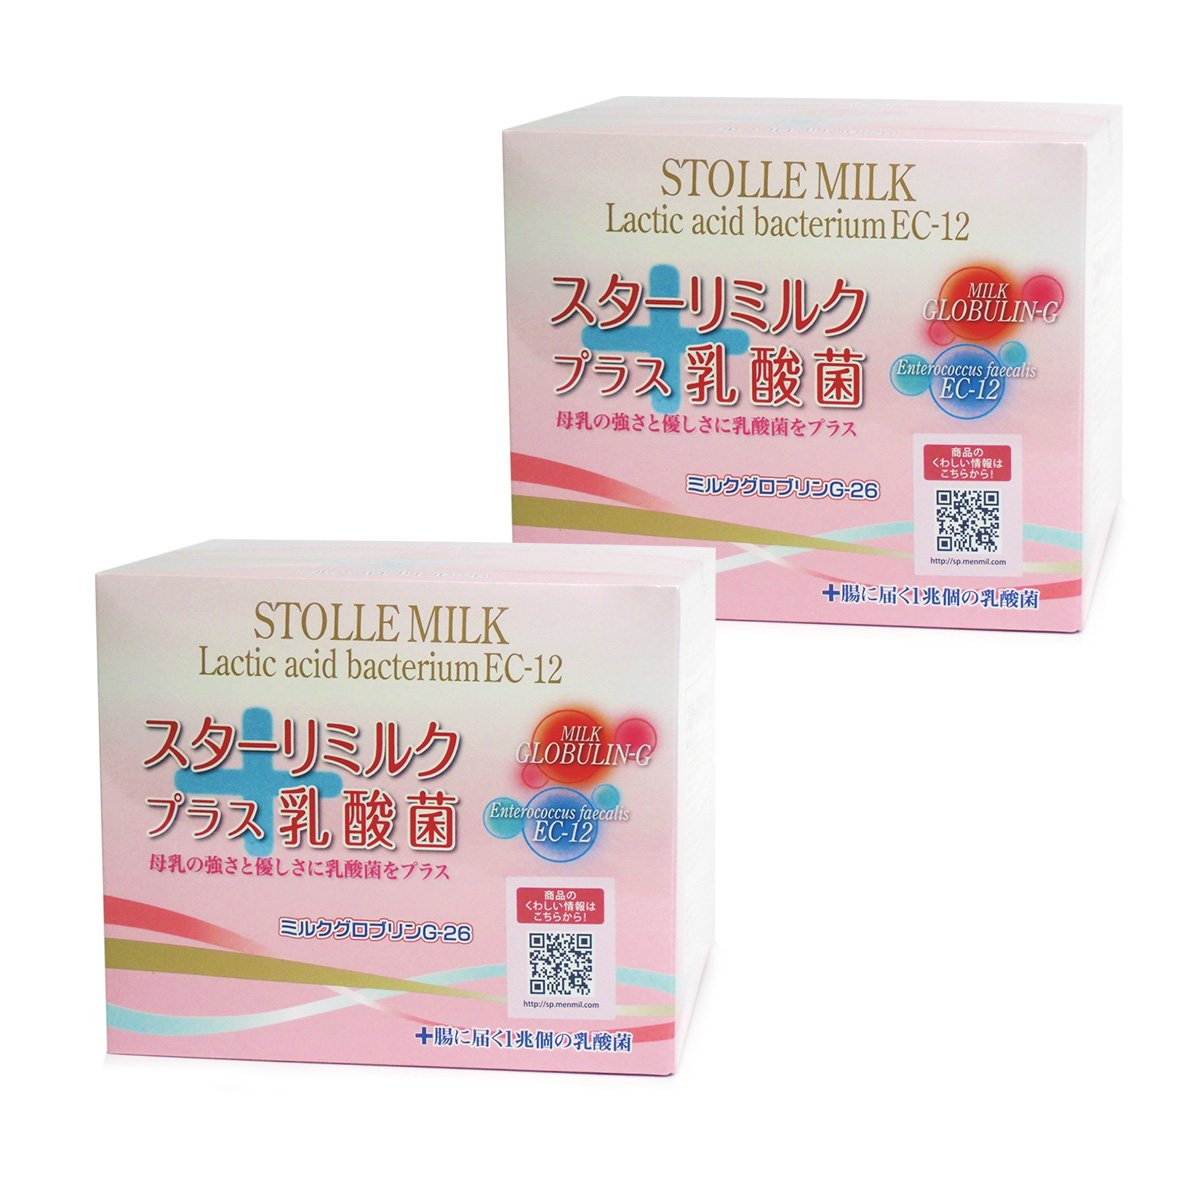 スターリミルク プラス 乳酸菌(20g×30袋) 2箱セット B01DXLHR1W